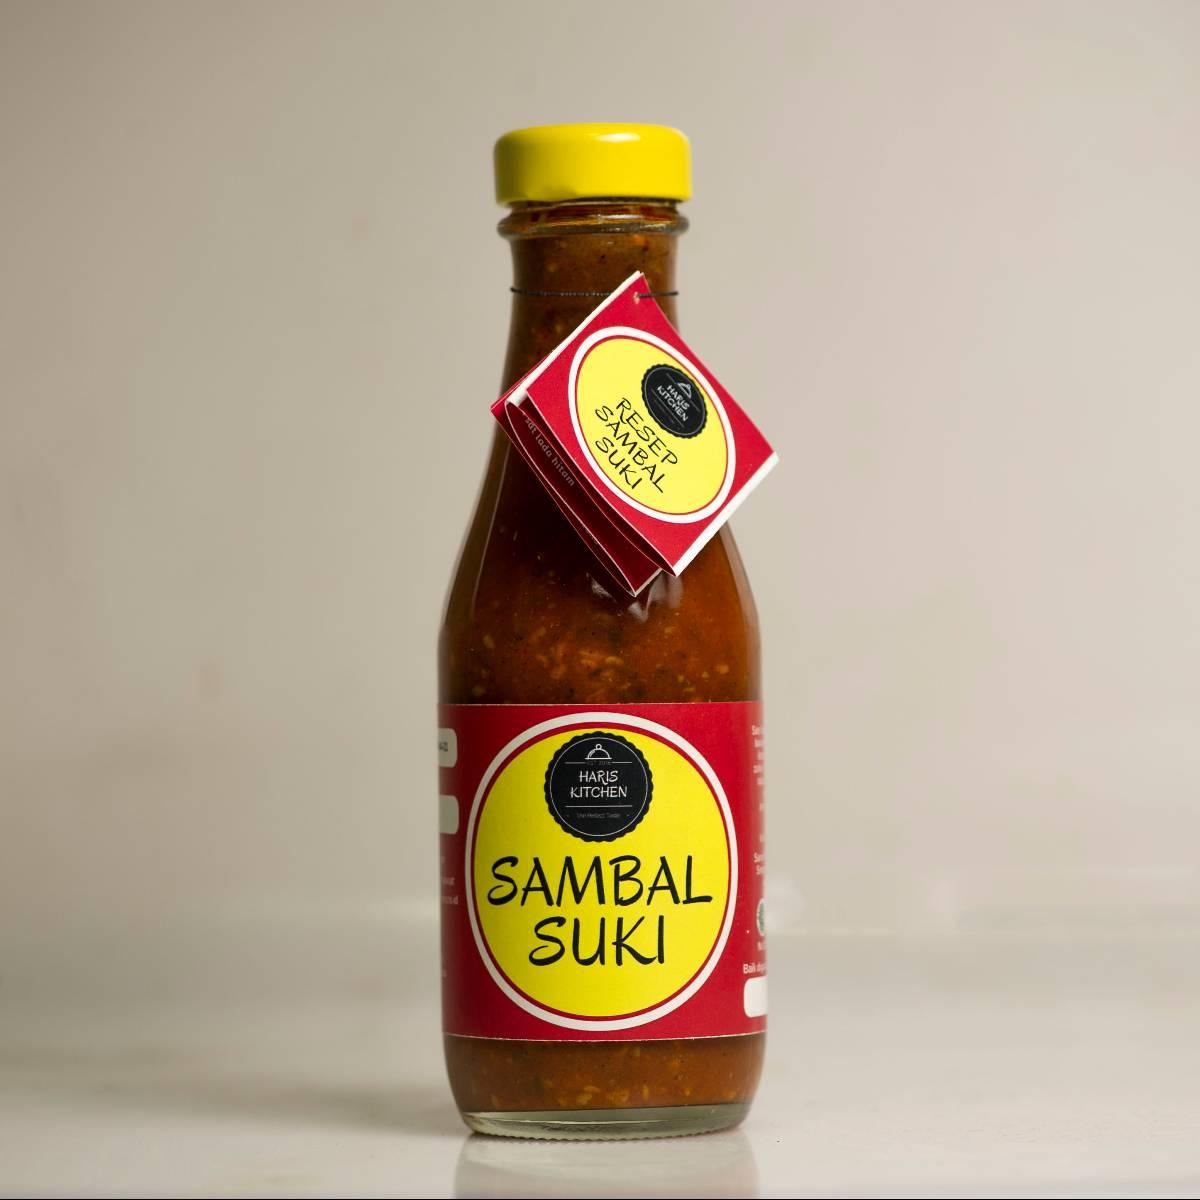 Sambal Suki